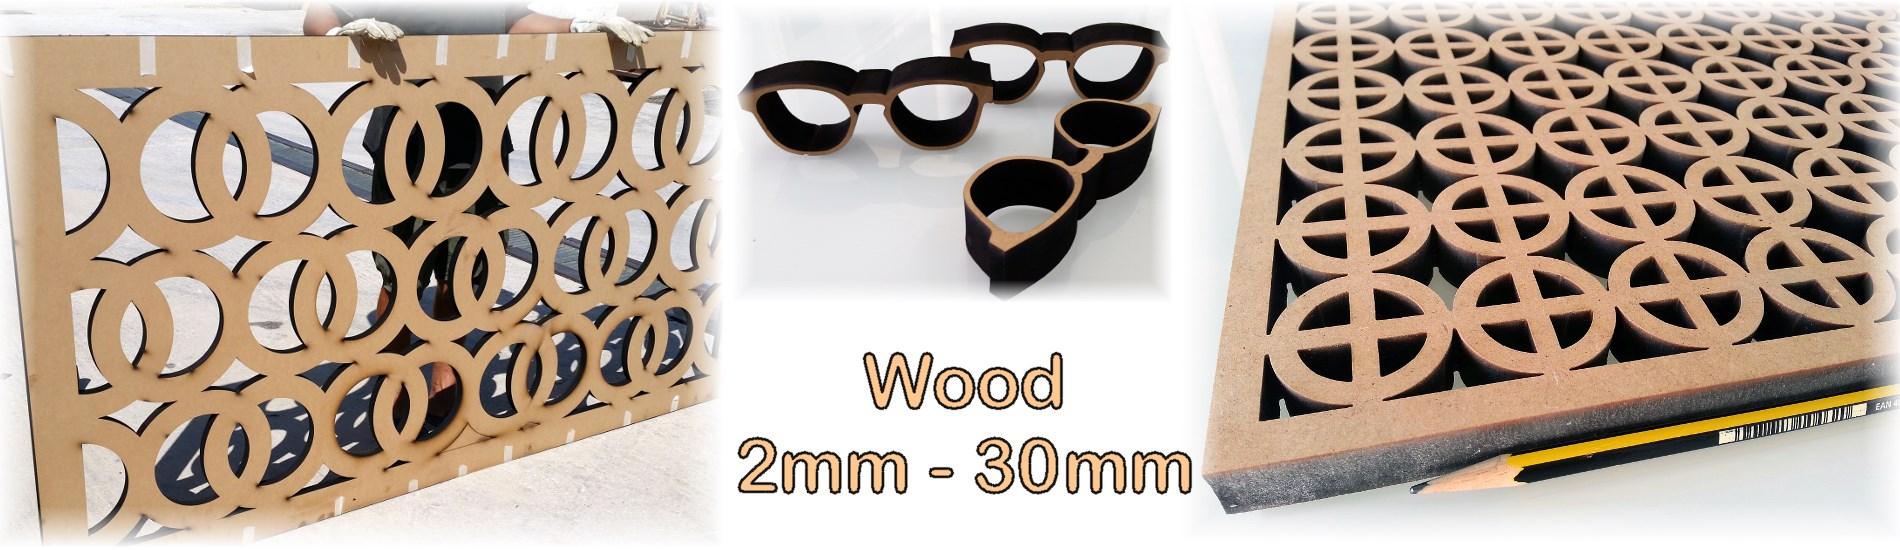 wood-slider